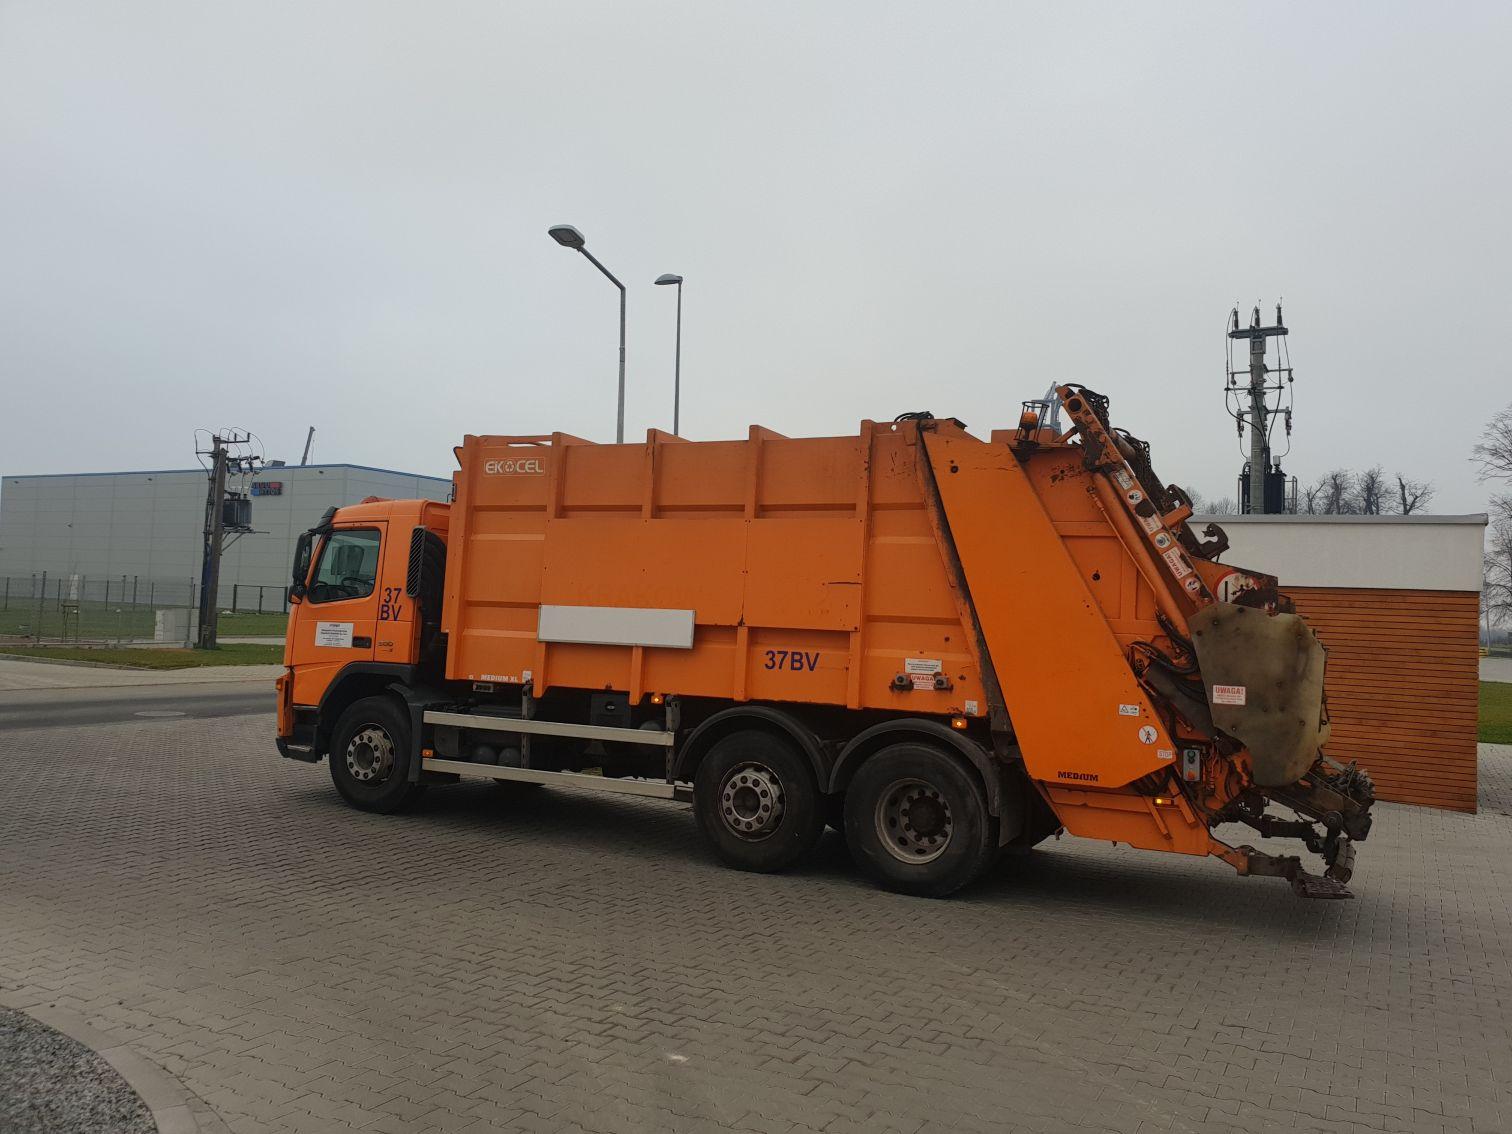 Kolejne gminy podnoszą opłaty za wywóz śmieci [AKTUALIZACJA]